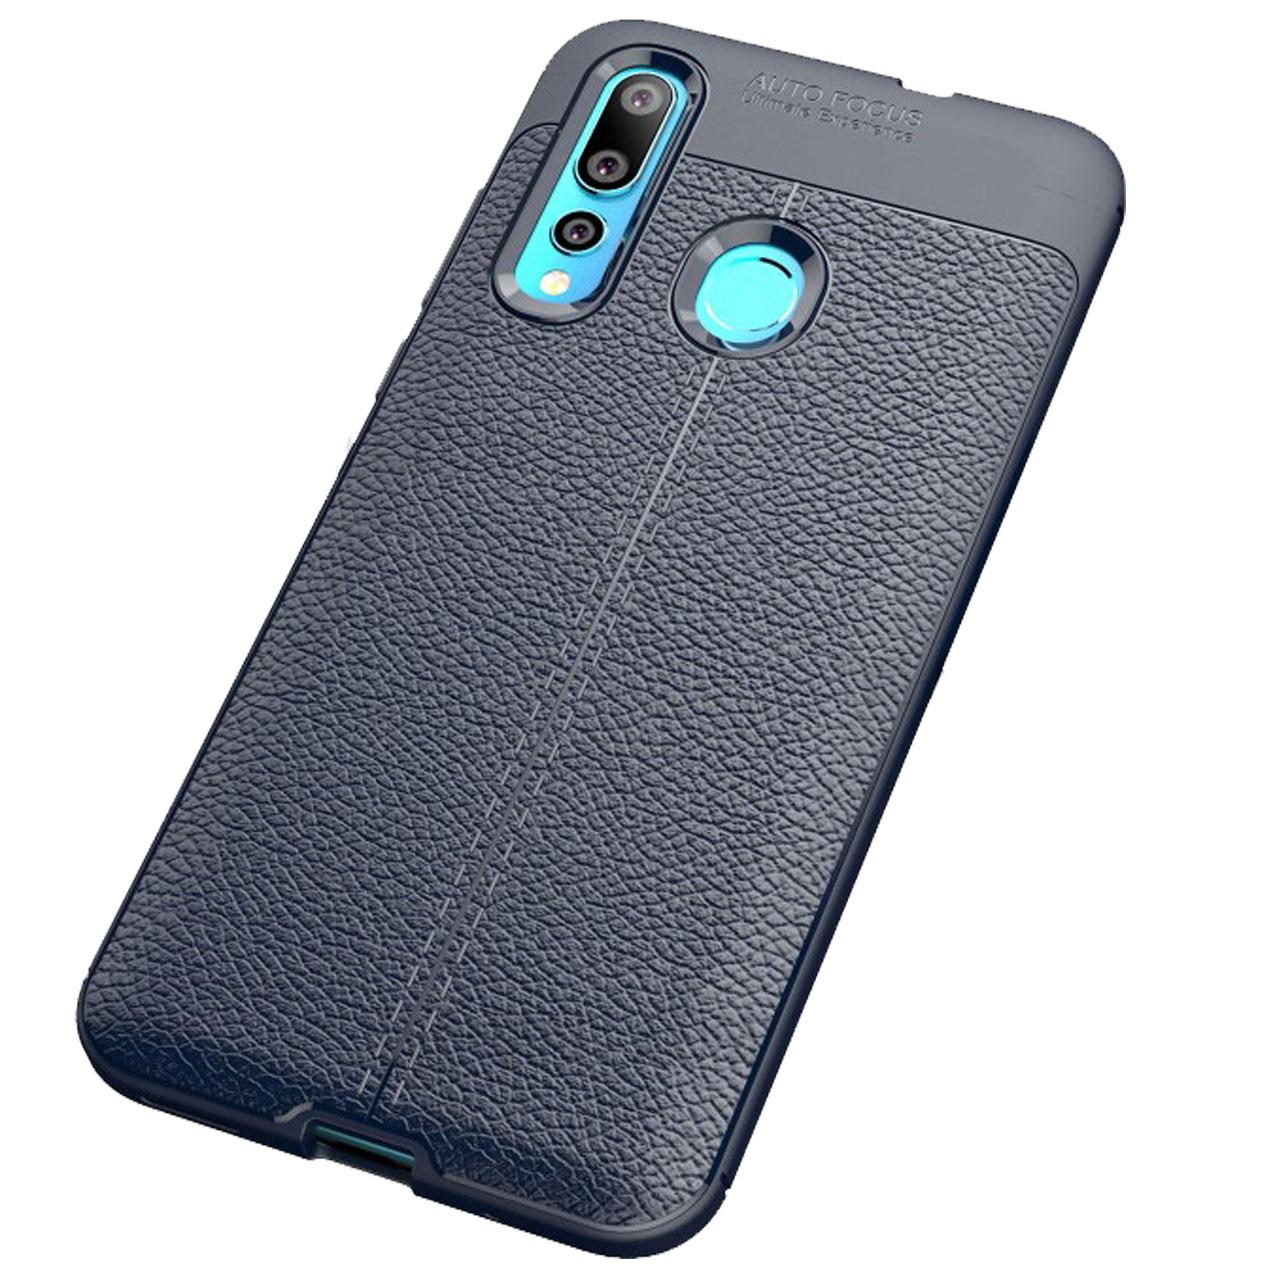 کاور اتوفوکوس مدل n4 مناسب برای گوشی موبایل هوآوی Nova 4